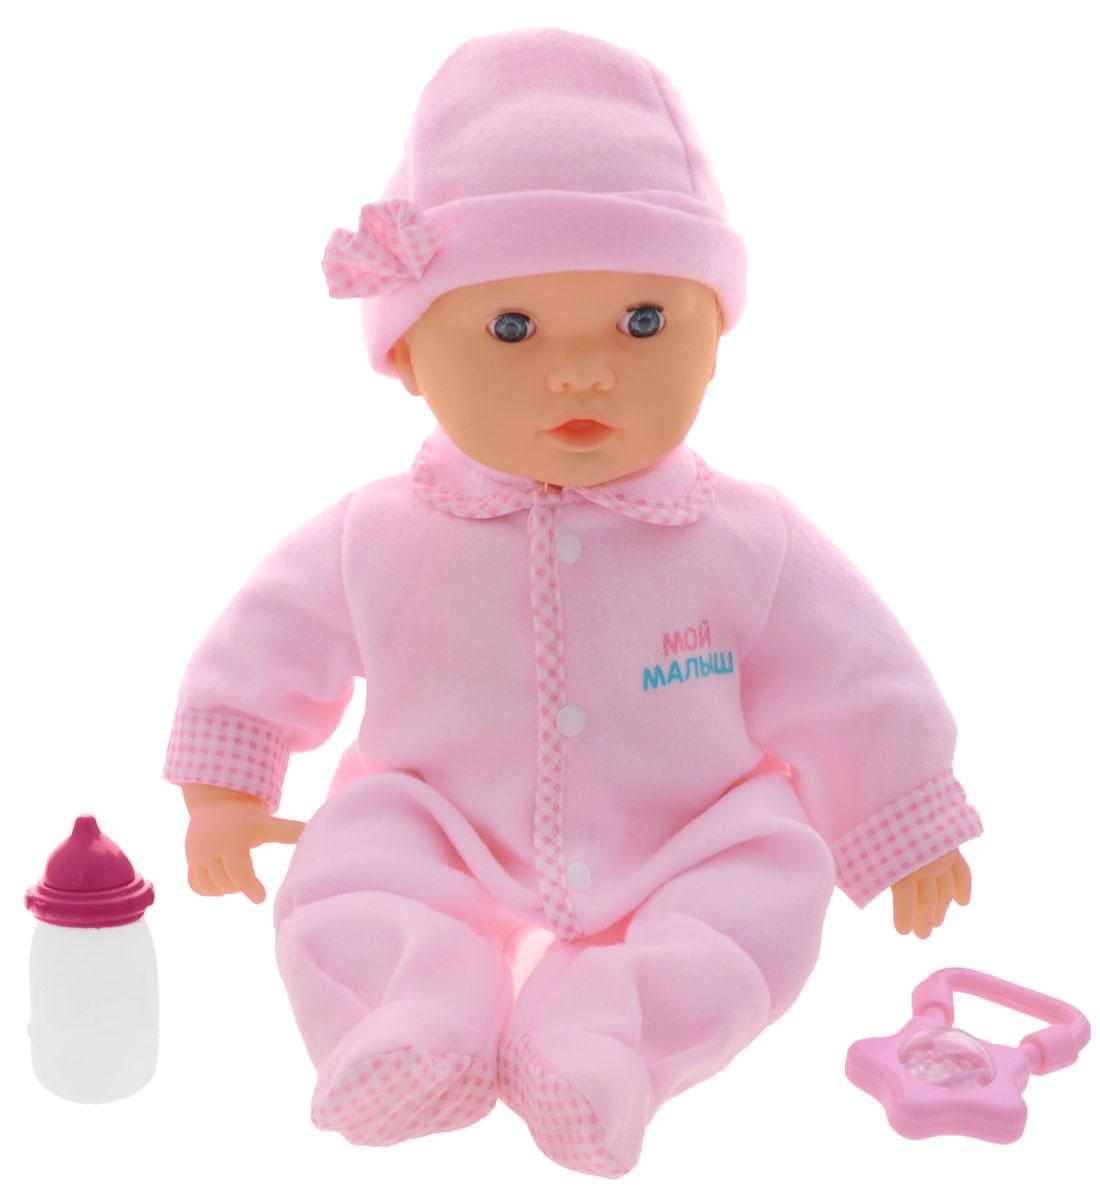 Joy Toy Пупс Мой малыш Мила цвет комбинезона розовыйG589-H43014Функциональный пупс Мой малыш. Мила от торговой марки Joy Toy - это уникальная игрушка для современных девочек. Это не просто игрушка, а кукла, которая поможет малышкам стать в будущем заботливыми мамами. Малыш одет в комбинезон нежного розового цвета с застежками-кнопками. Во время активной игры Мила довольно лепечет, а еще куколка любит, чтобы ее кормили. Для этого в наборе имеется специальная бутылочка, которую пупс с удовольствием будет сосать и причмокивать. У Милы подвижные глазки и если уложить ее спать, то веки сами закроются, и кукла уснет. С таким пупсом игры станут намного интереснее! Рекомендуется докупить 3 батарейки напряжением 1,5V типа АА (товар комплектуется демонстрационными).